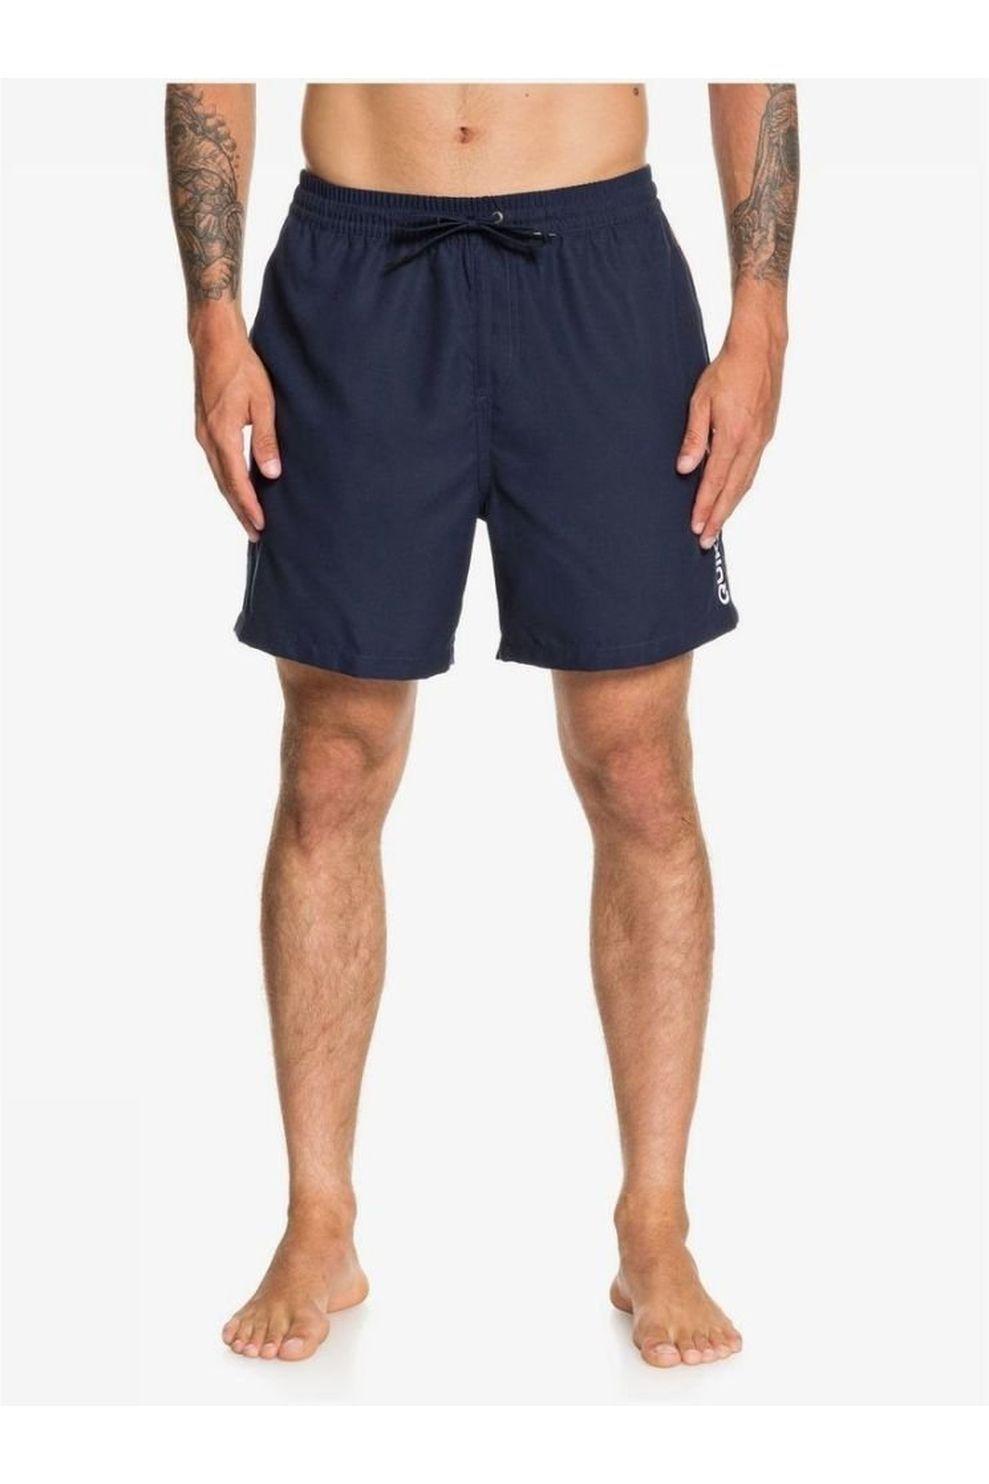 Quiksilver Zwemshort Vert Volley 17 voor heren - Blauw - Maten: S, M, L, XL